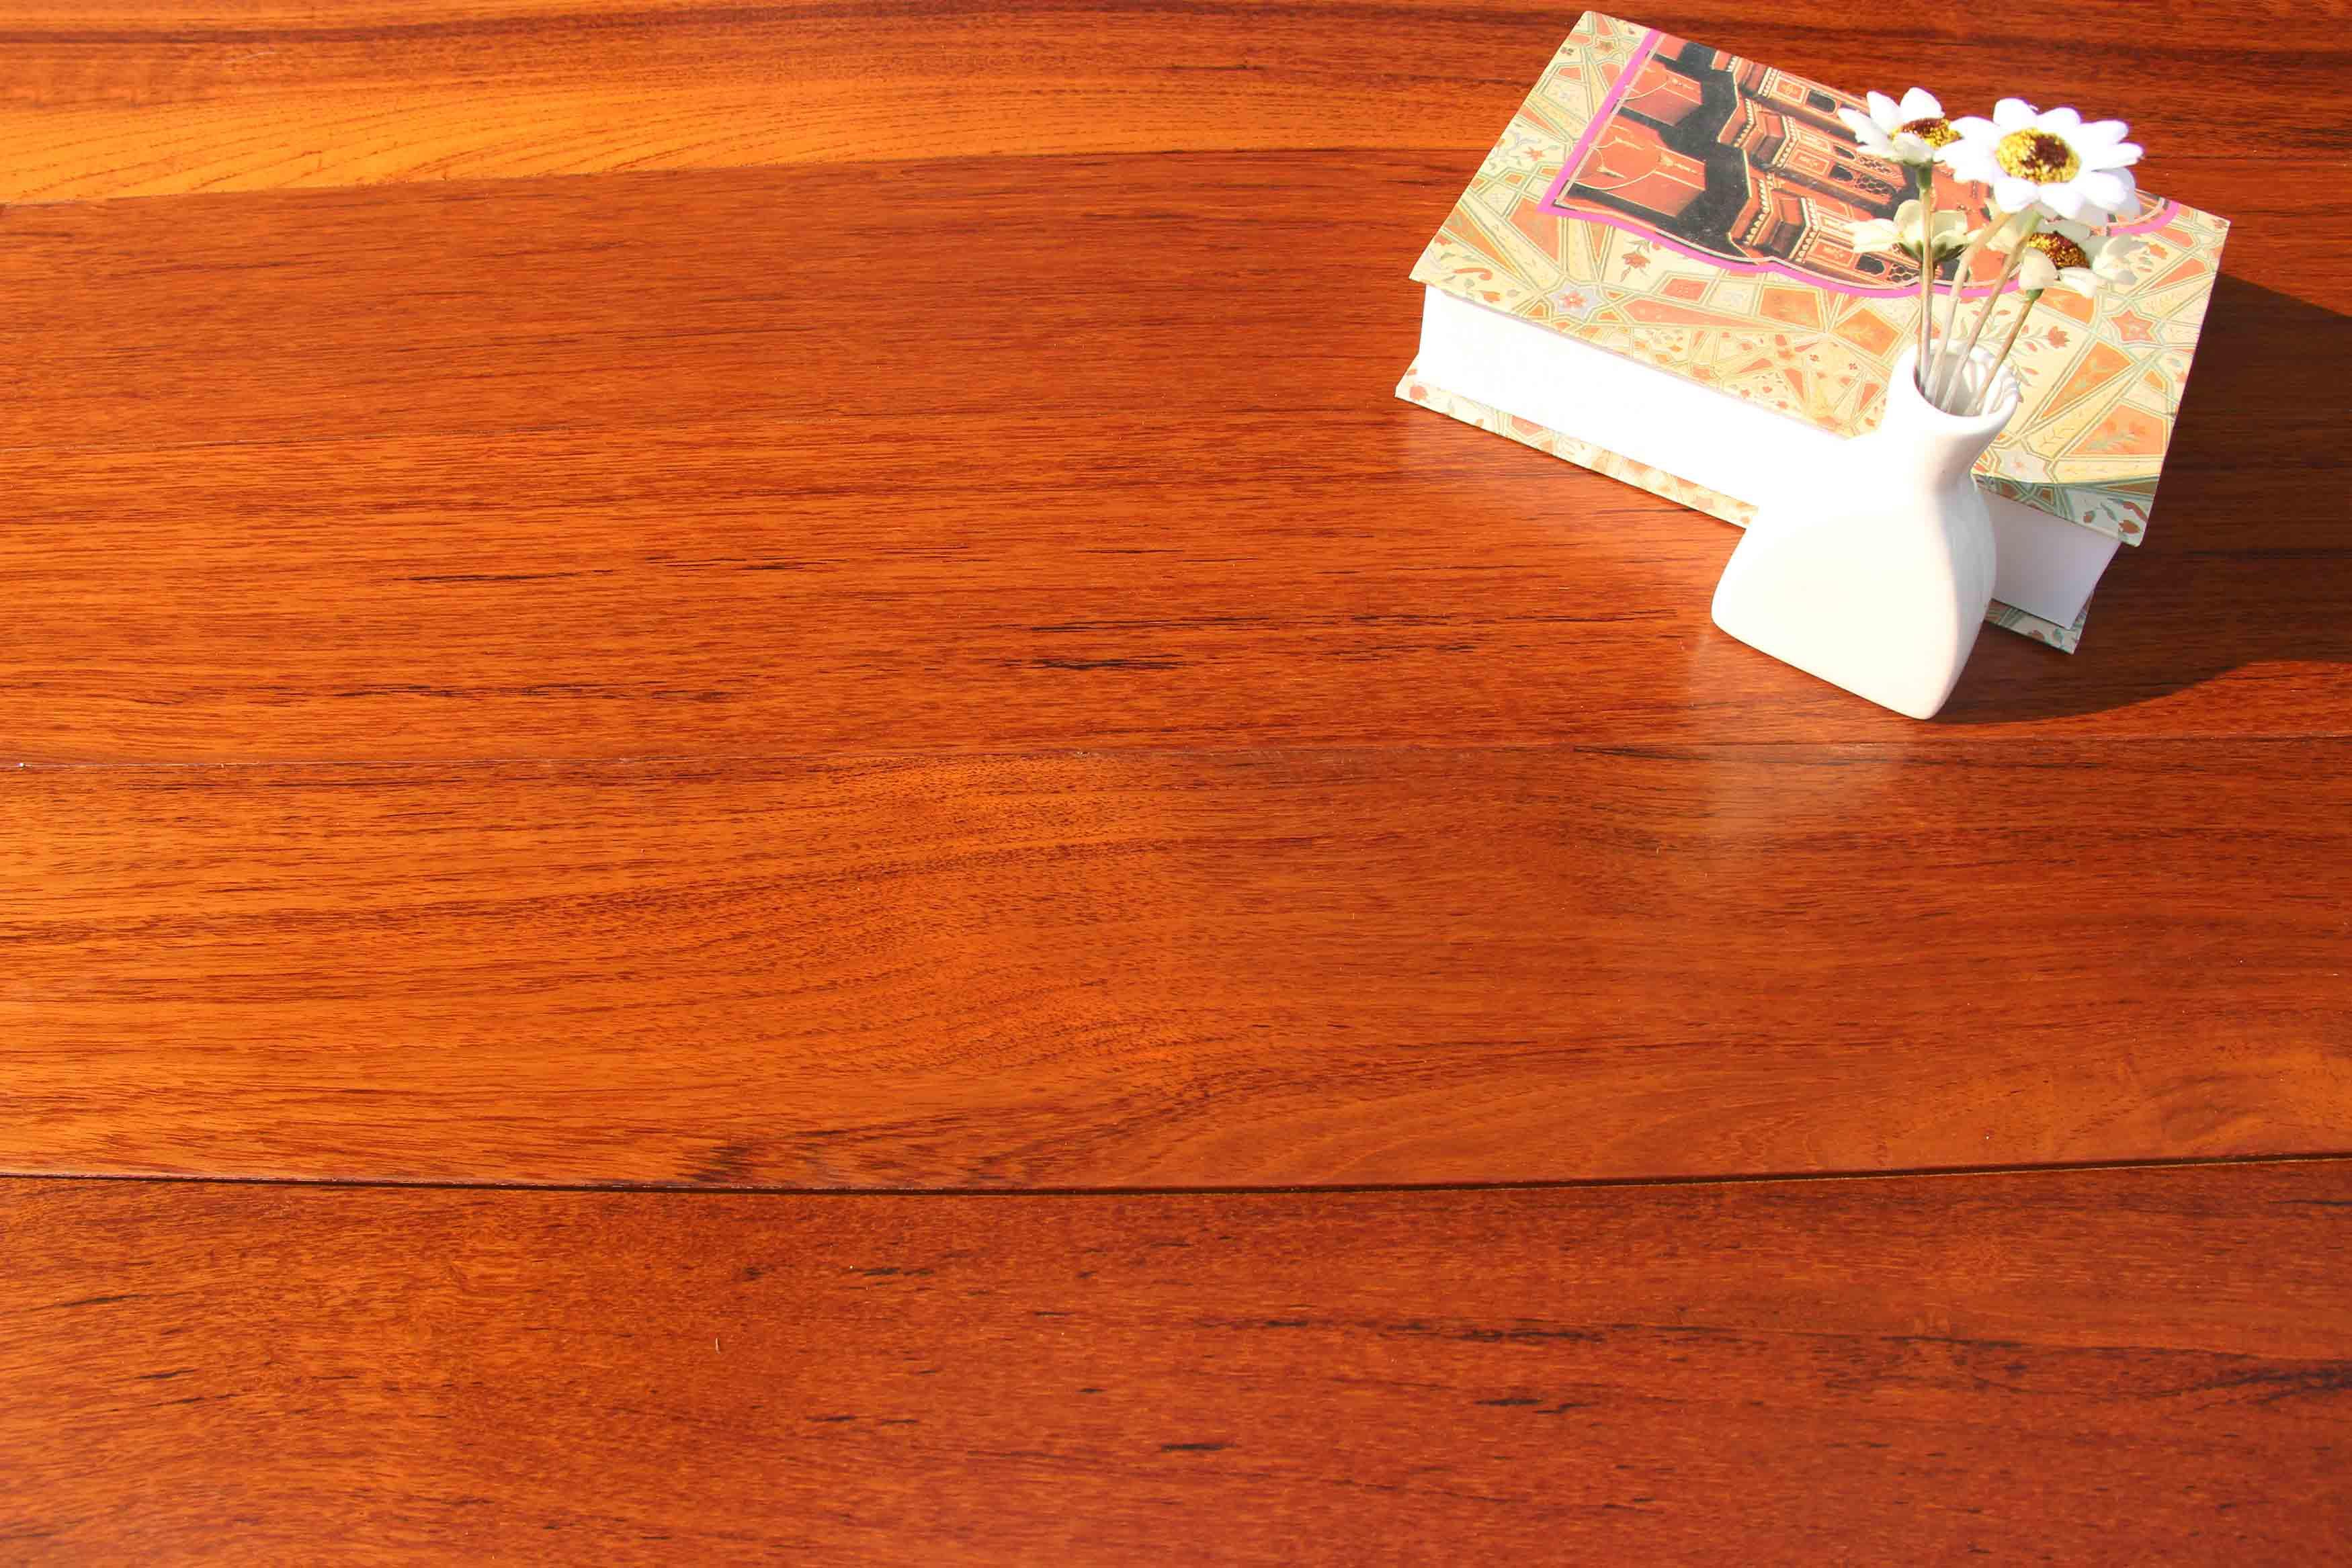 首页 产品供应 地板 实木地板 柚木 > 柚木实木地板   价格 电议 最小